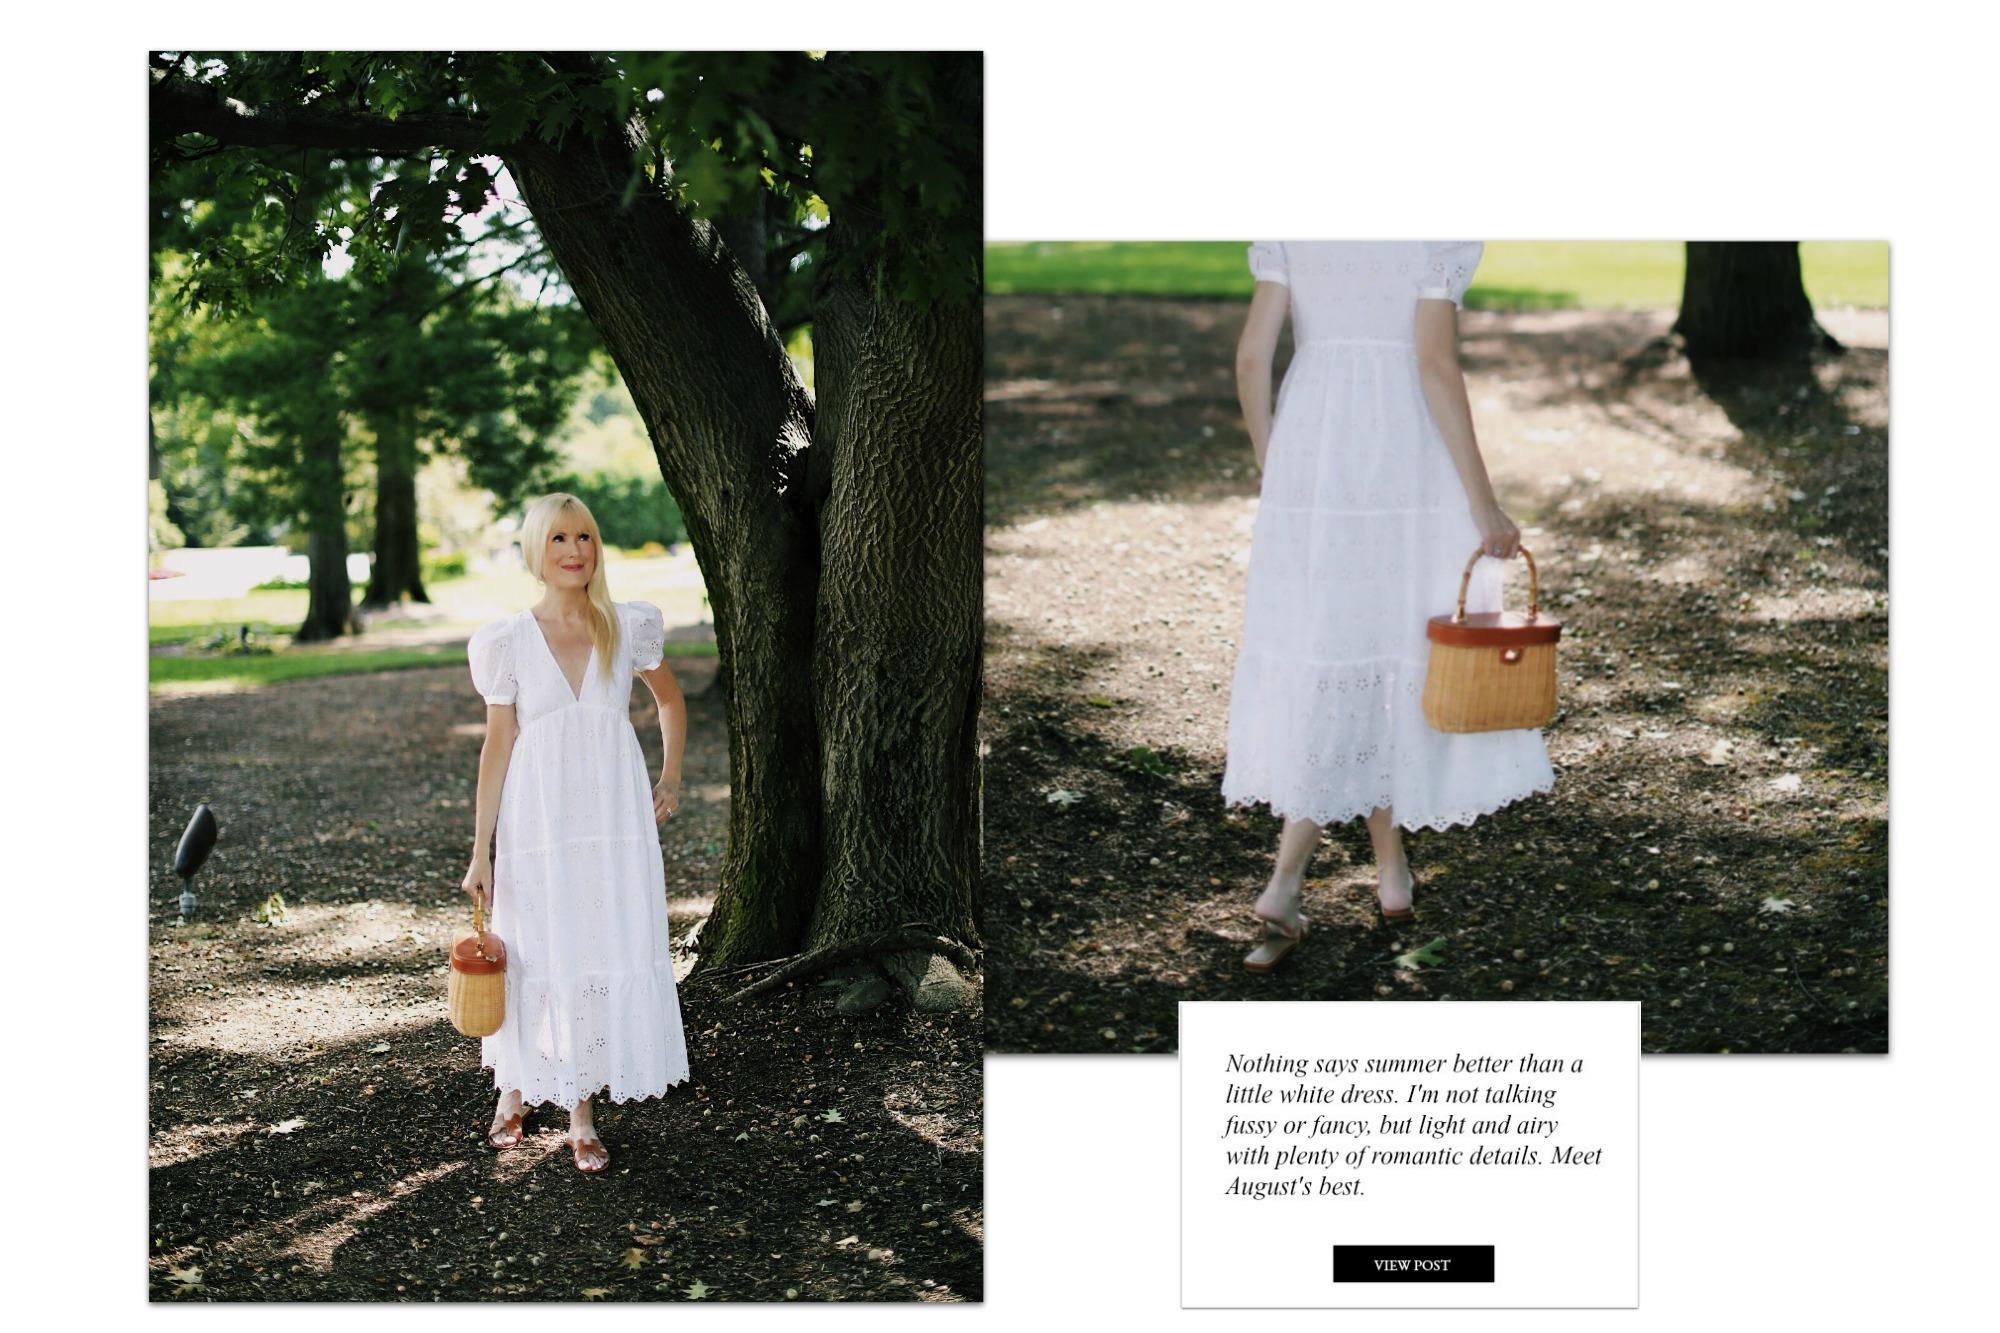 August's Best Little White Dresses